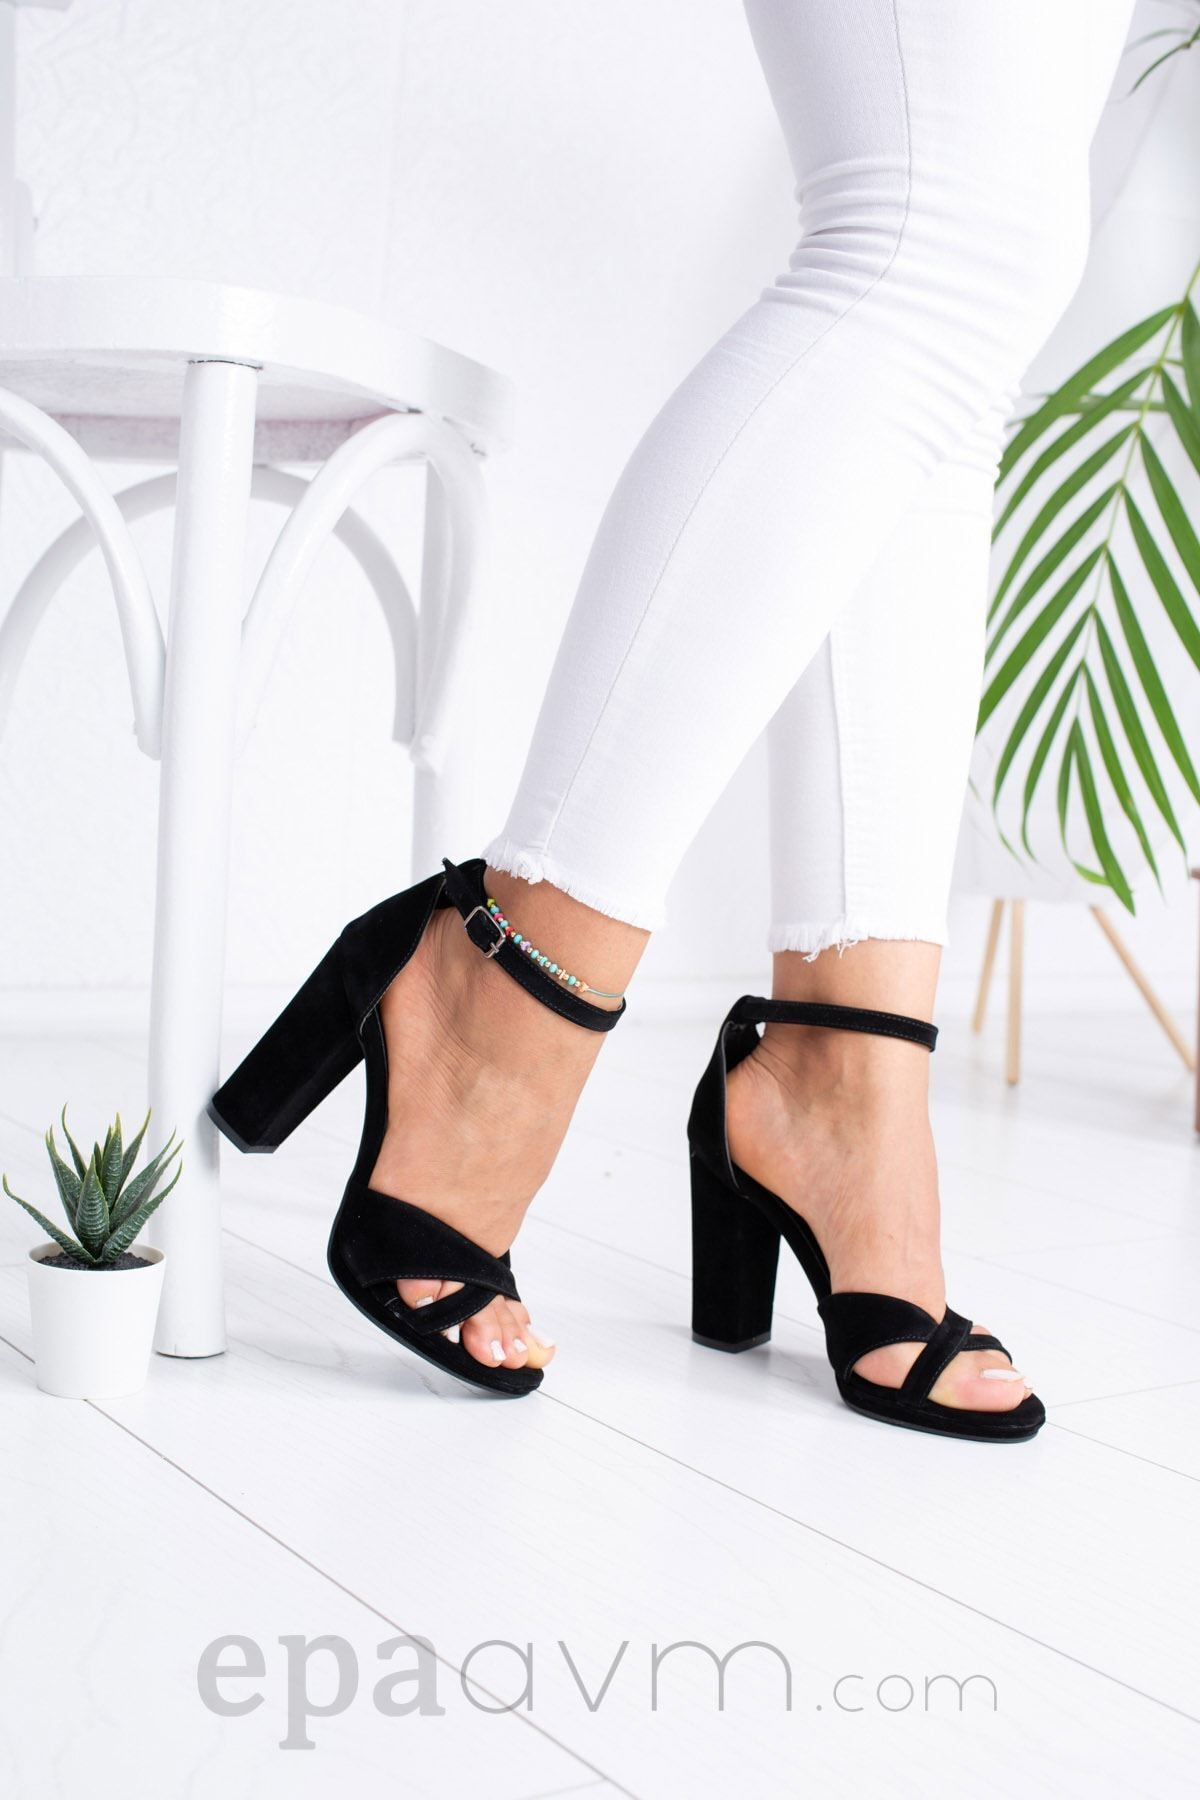 epaavm Kadın Siyah Platform Çapraz Bant Cilt Ayakkabı